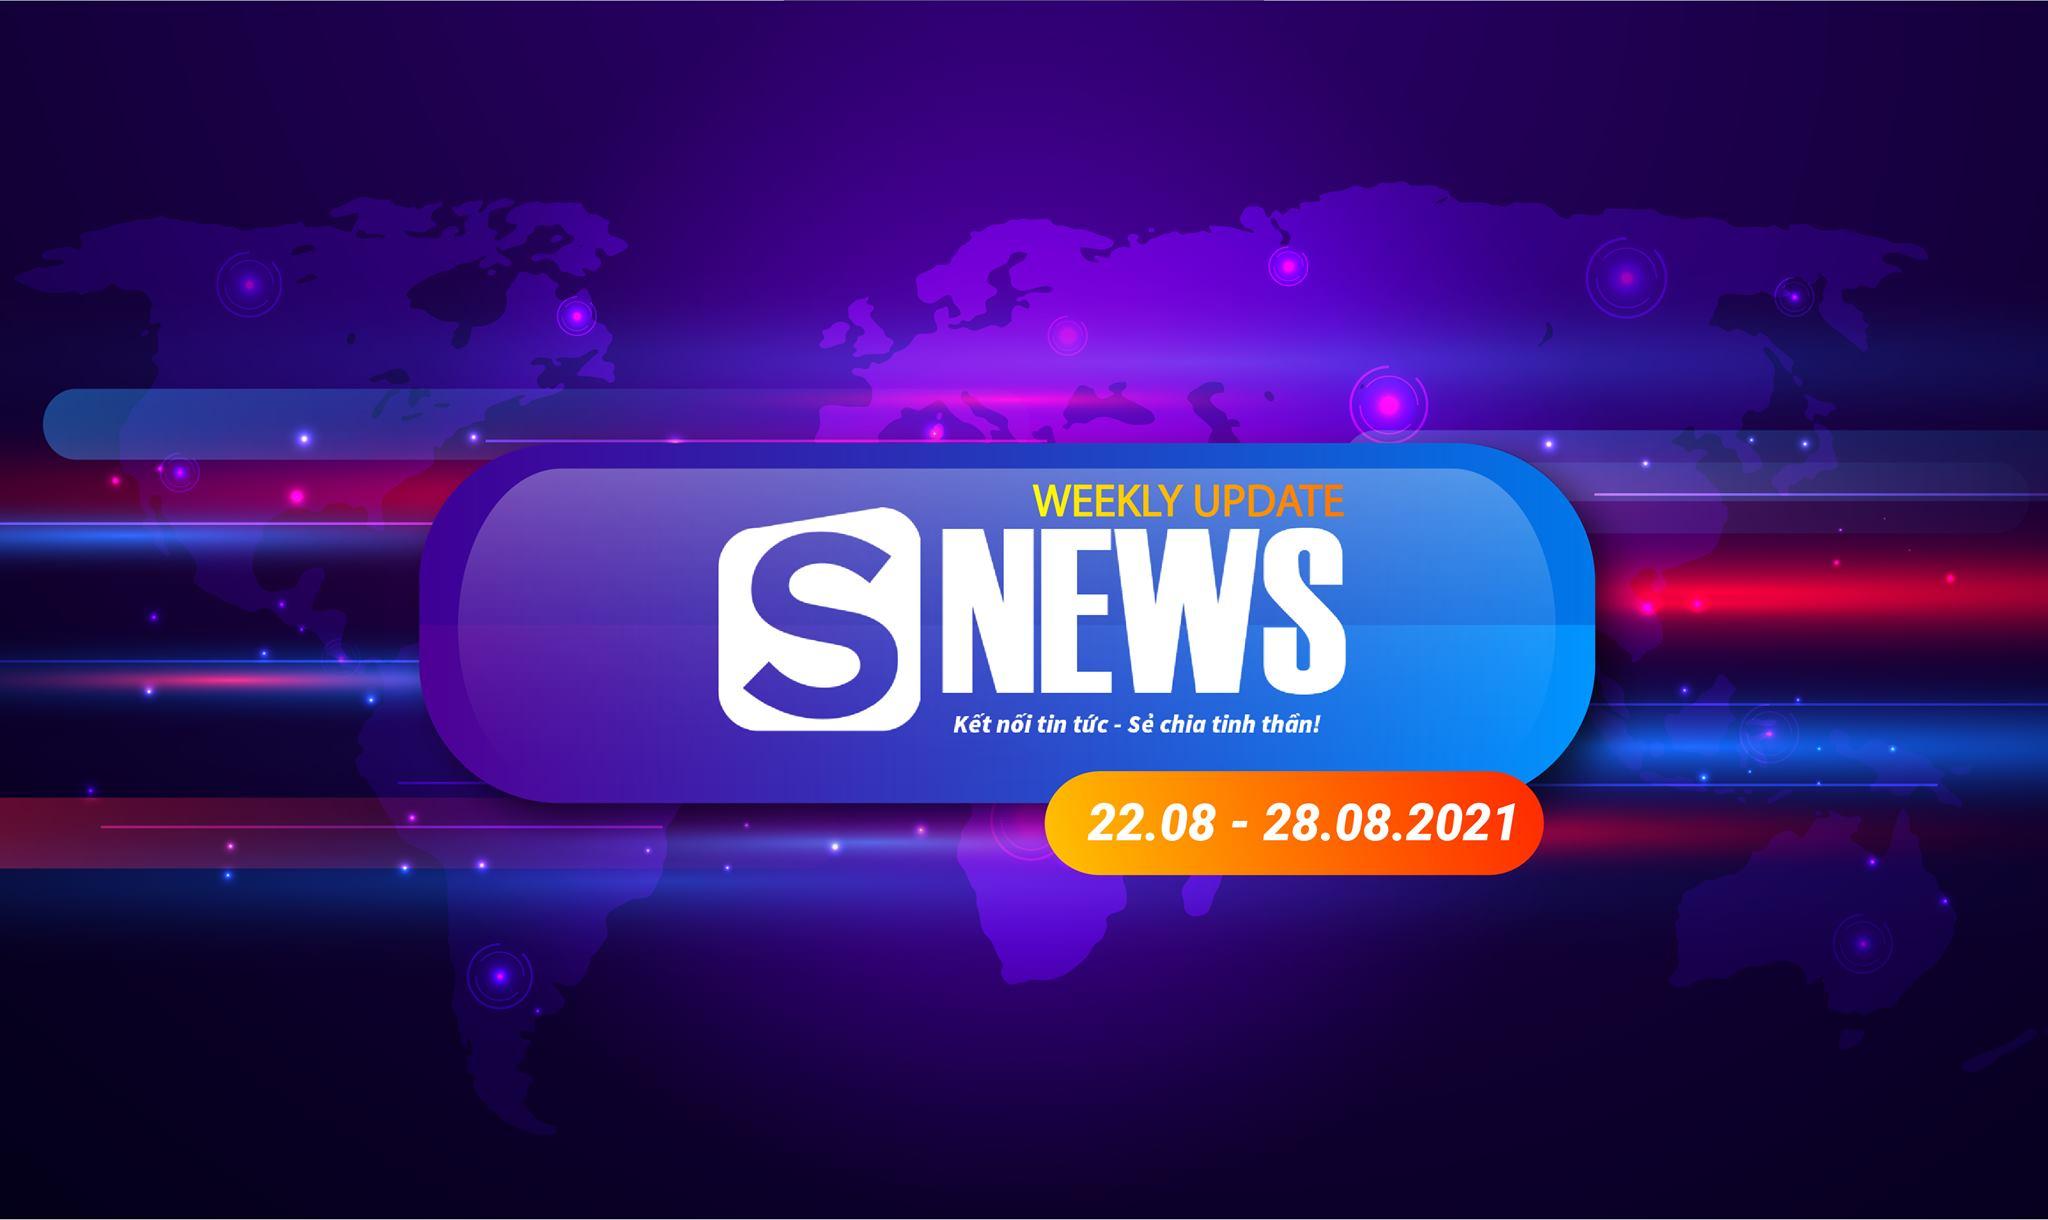 Tổng hợp tin tức Sapo tuần qua: ngày 22.08 - 28.08.2021